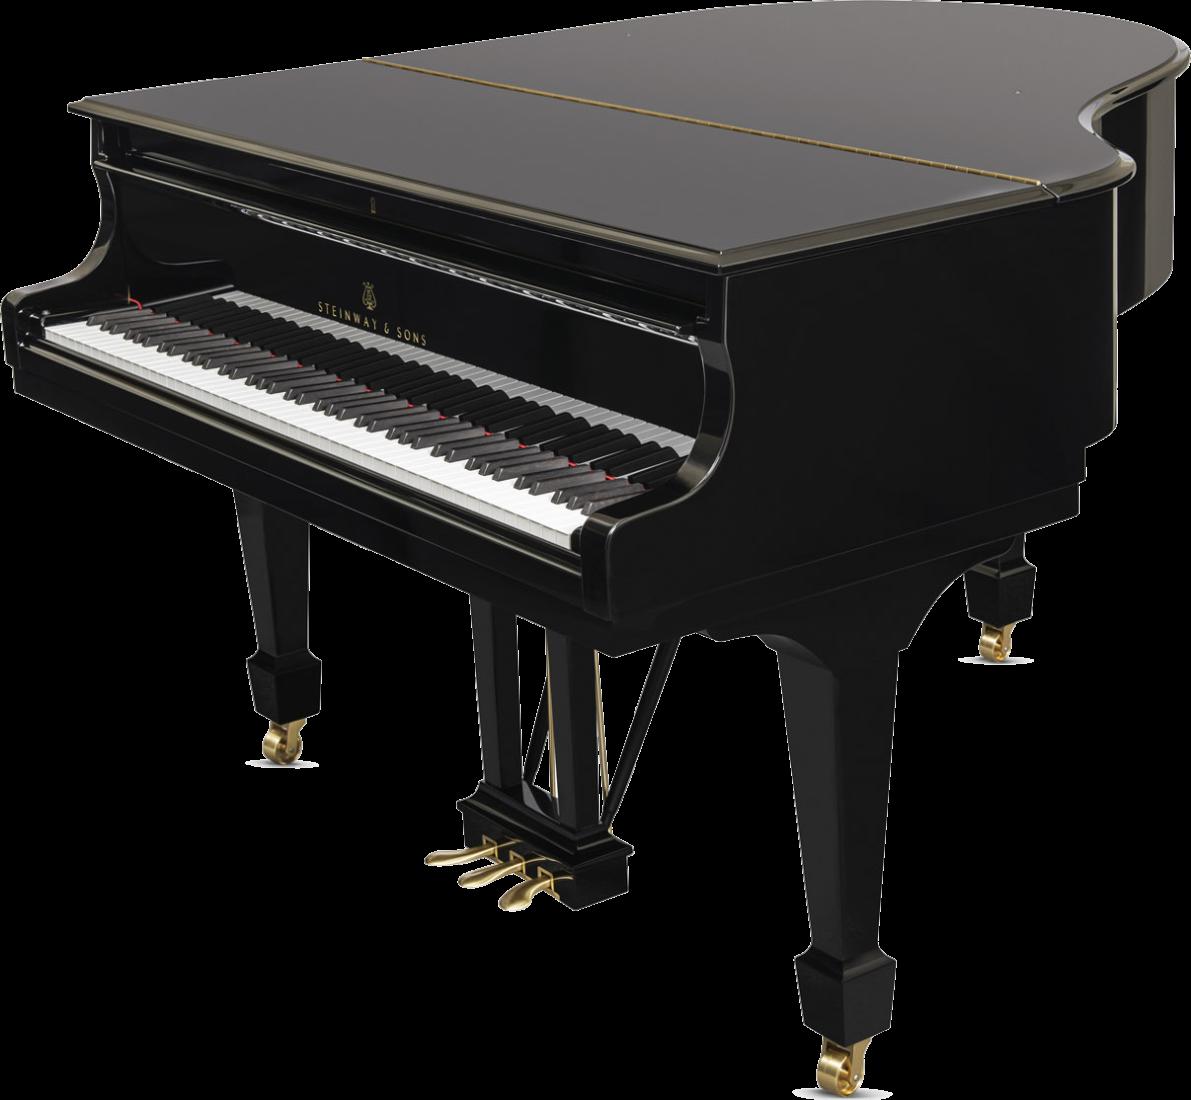 piano-cola-steinway-sons-s155-artesanal-nuevo-negro-picado